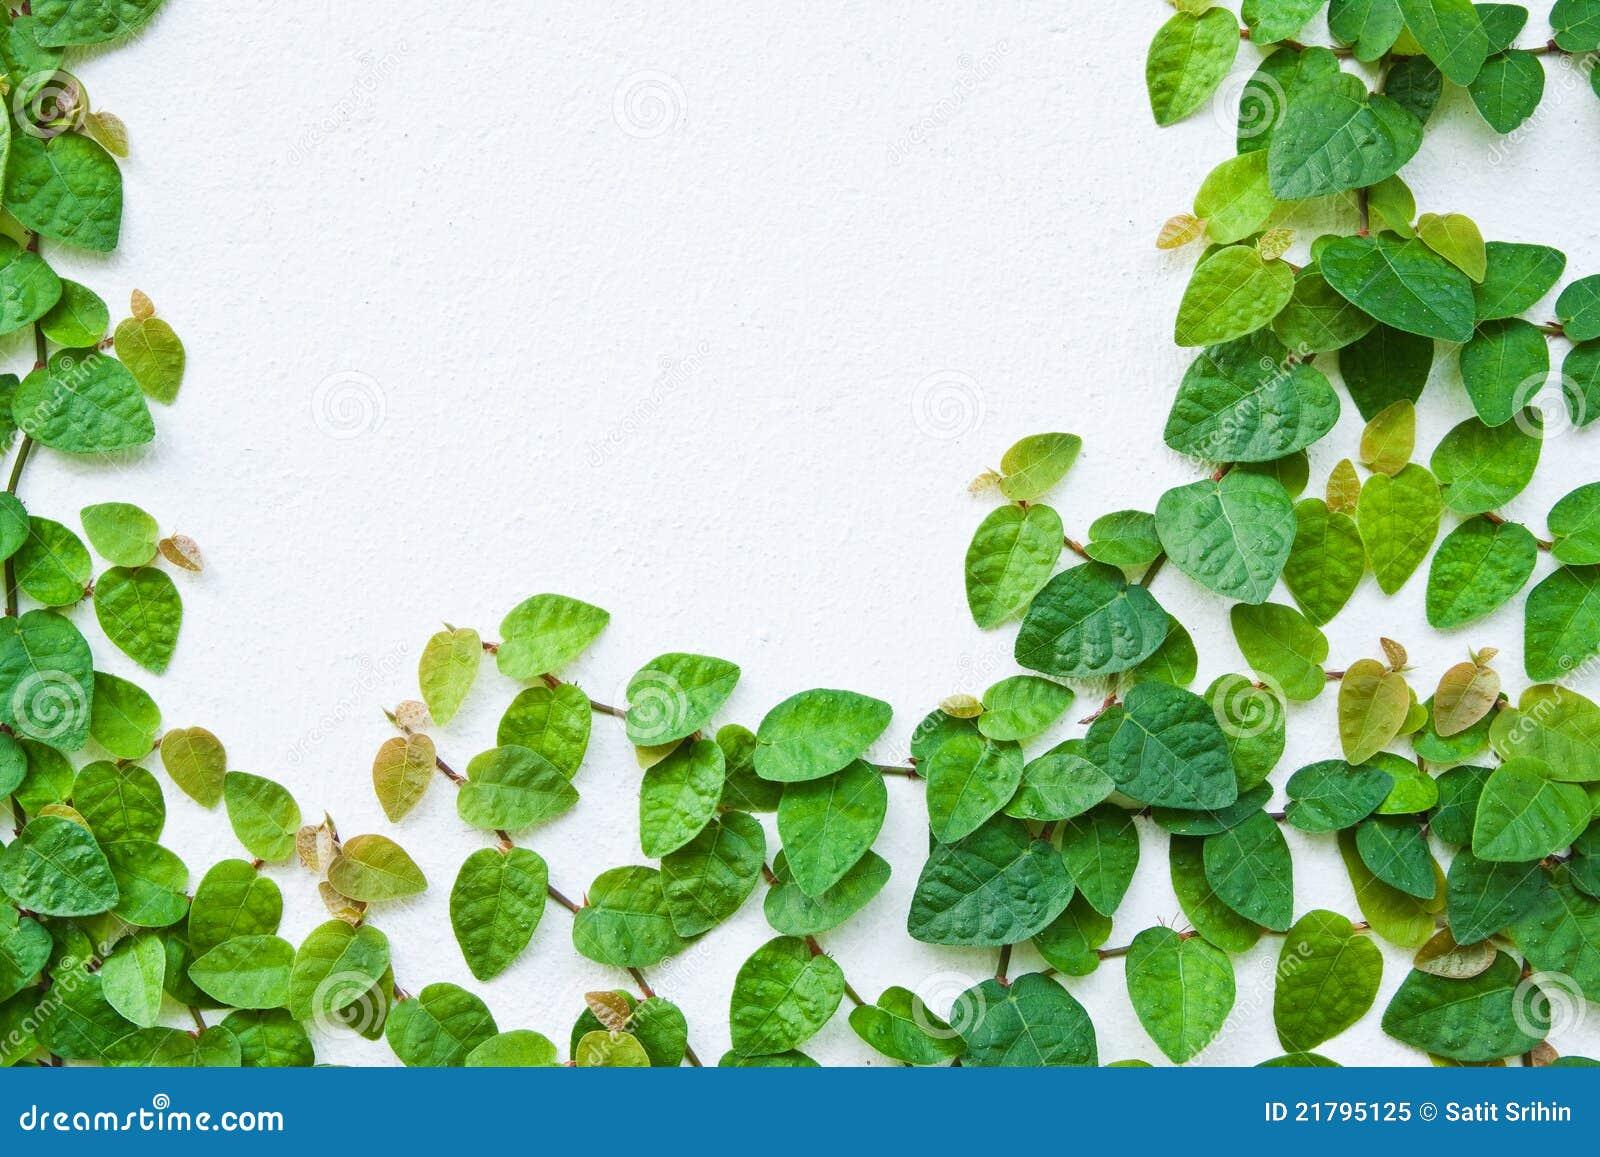 La Planta Verde De La Enredadera En La Pared Imagen De